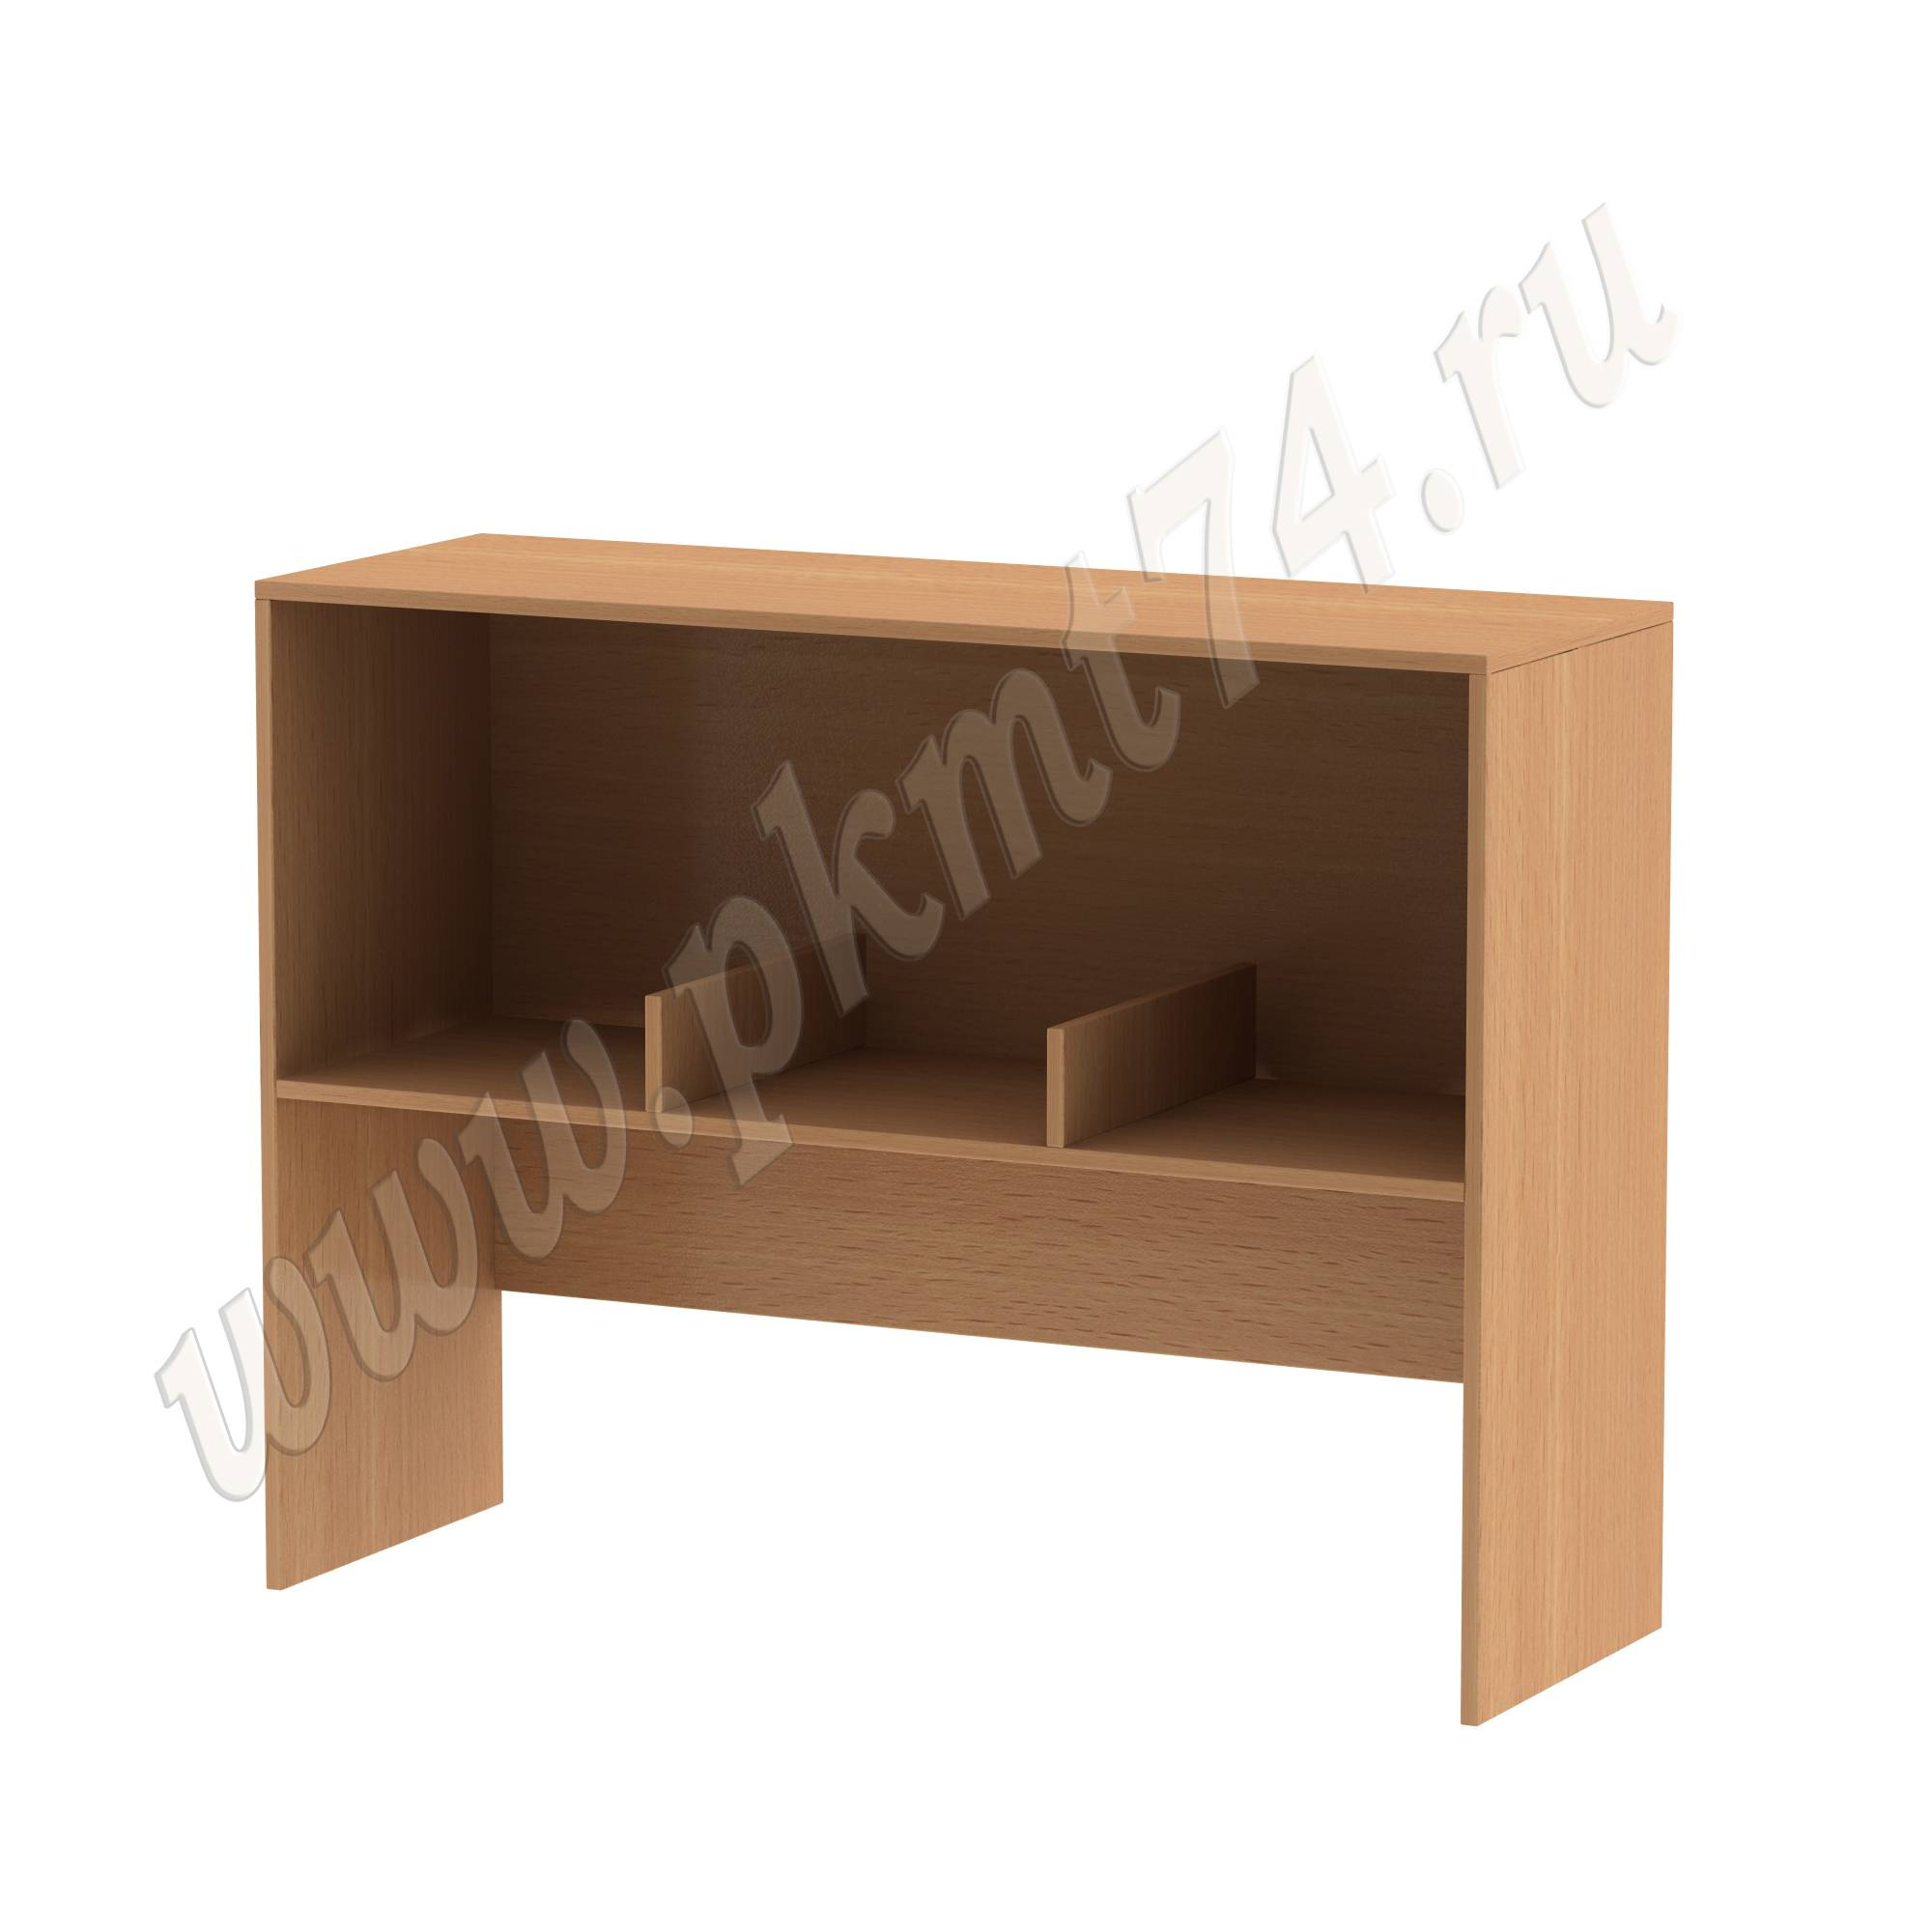 Стол для выдачи книг MT 08-1 Бук